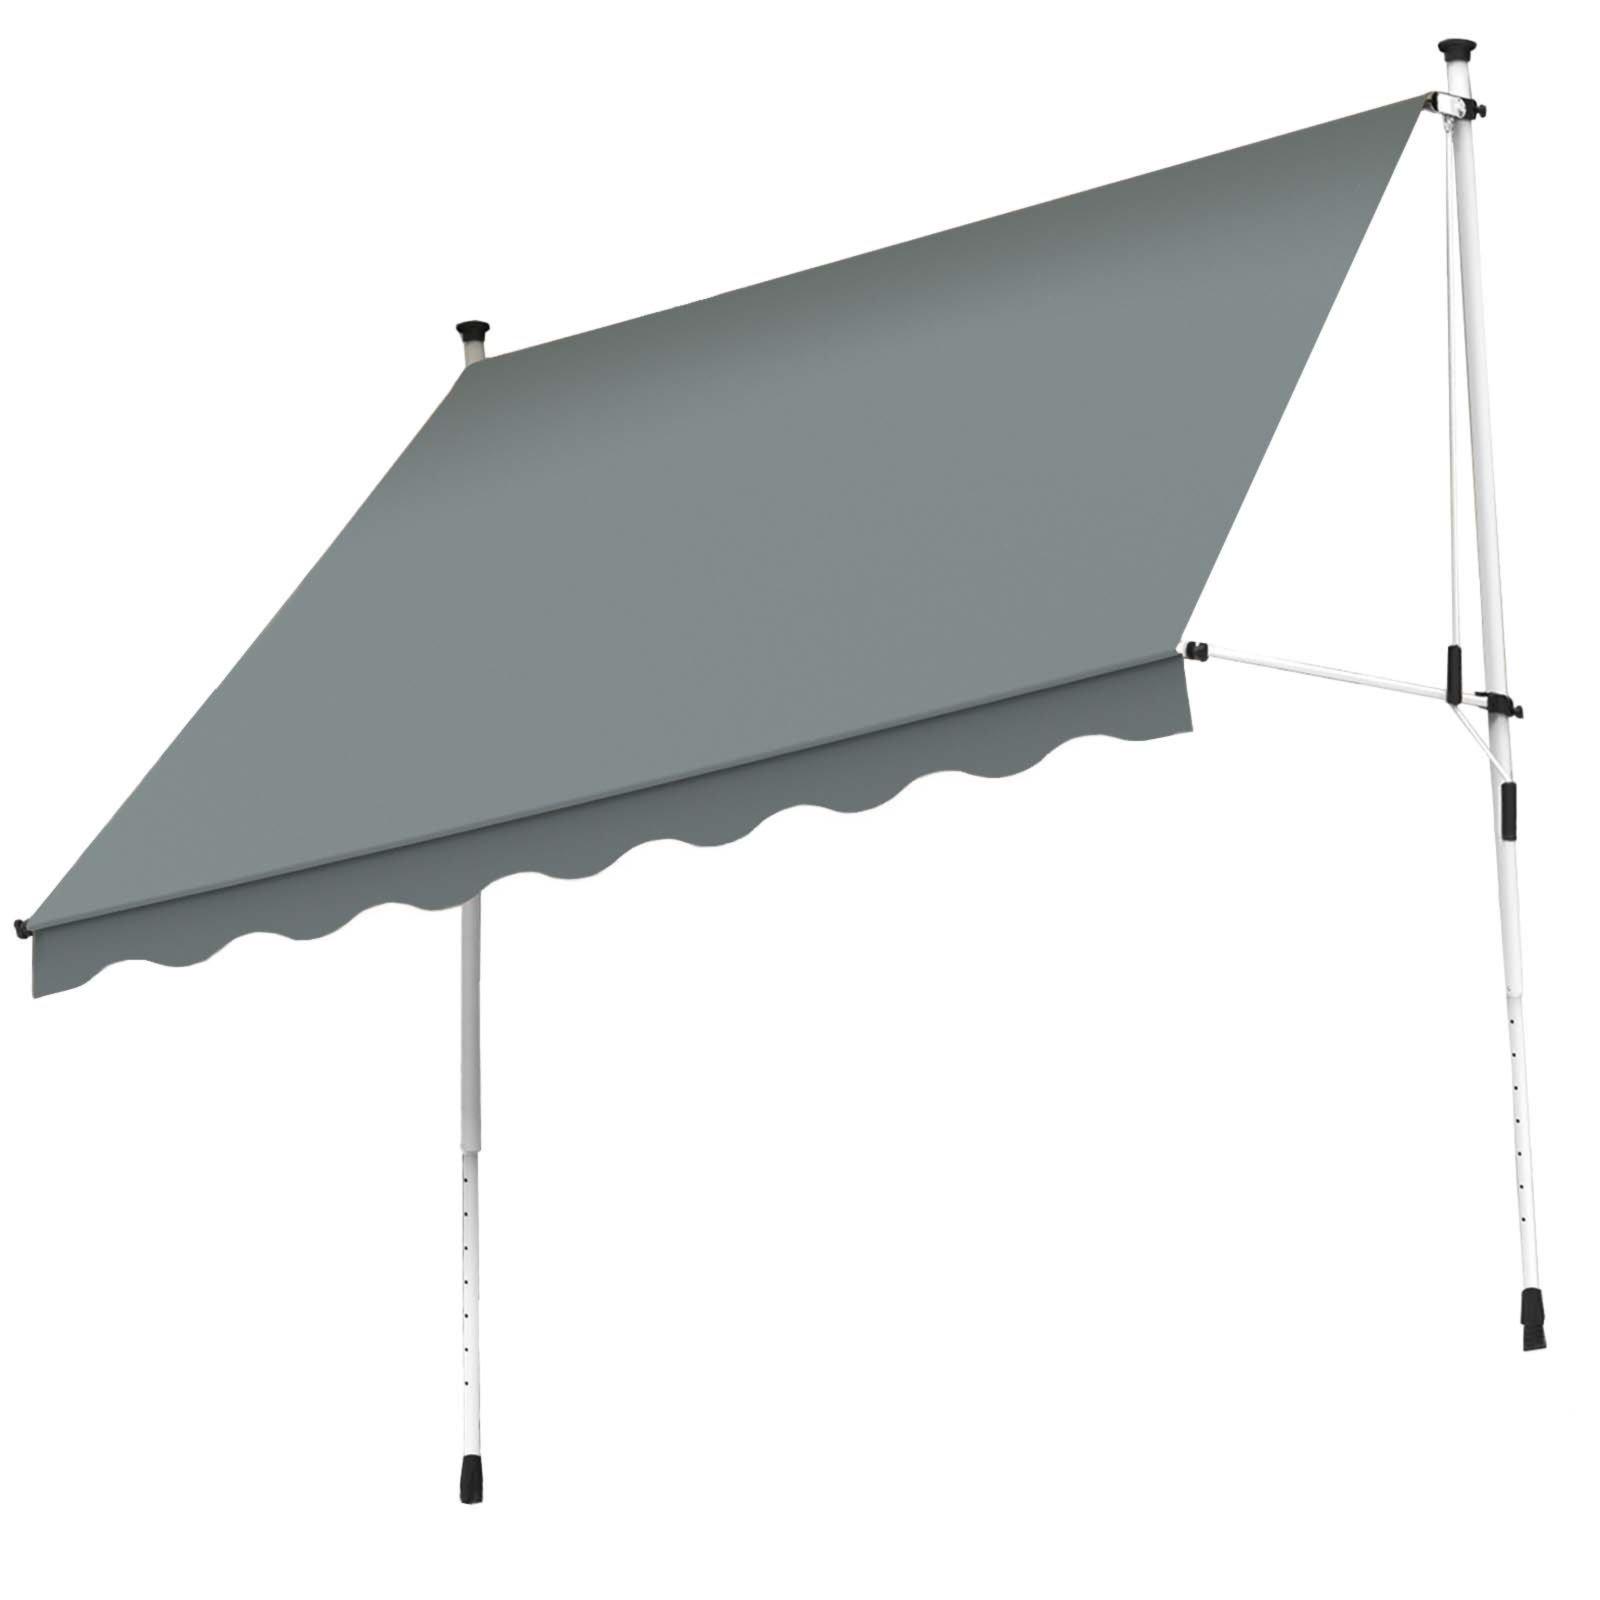 Gut bekannt Klemm-Markise - anthrazit - 195x120 cm | Online bei ROLLER kaufen FS85